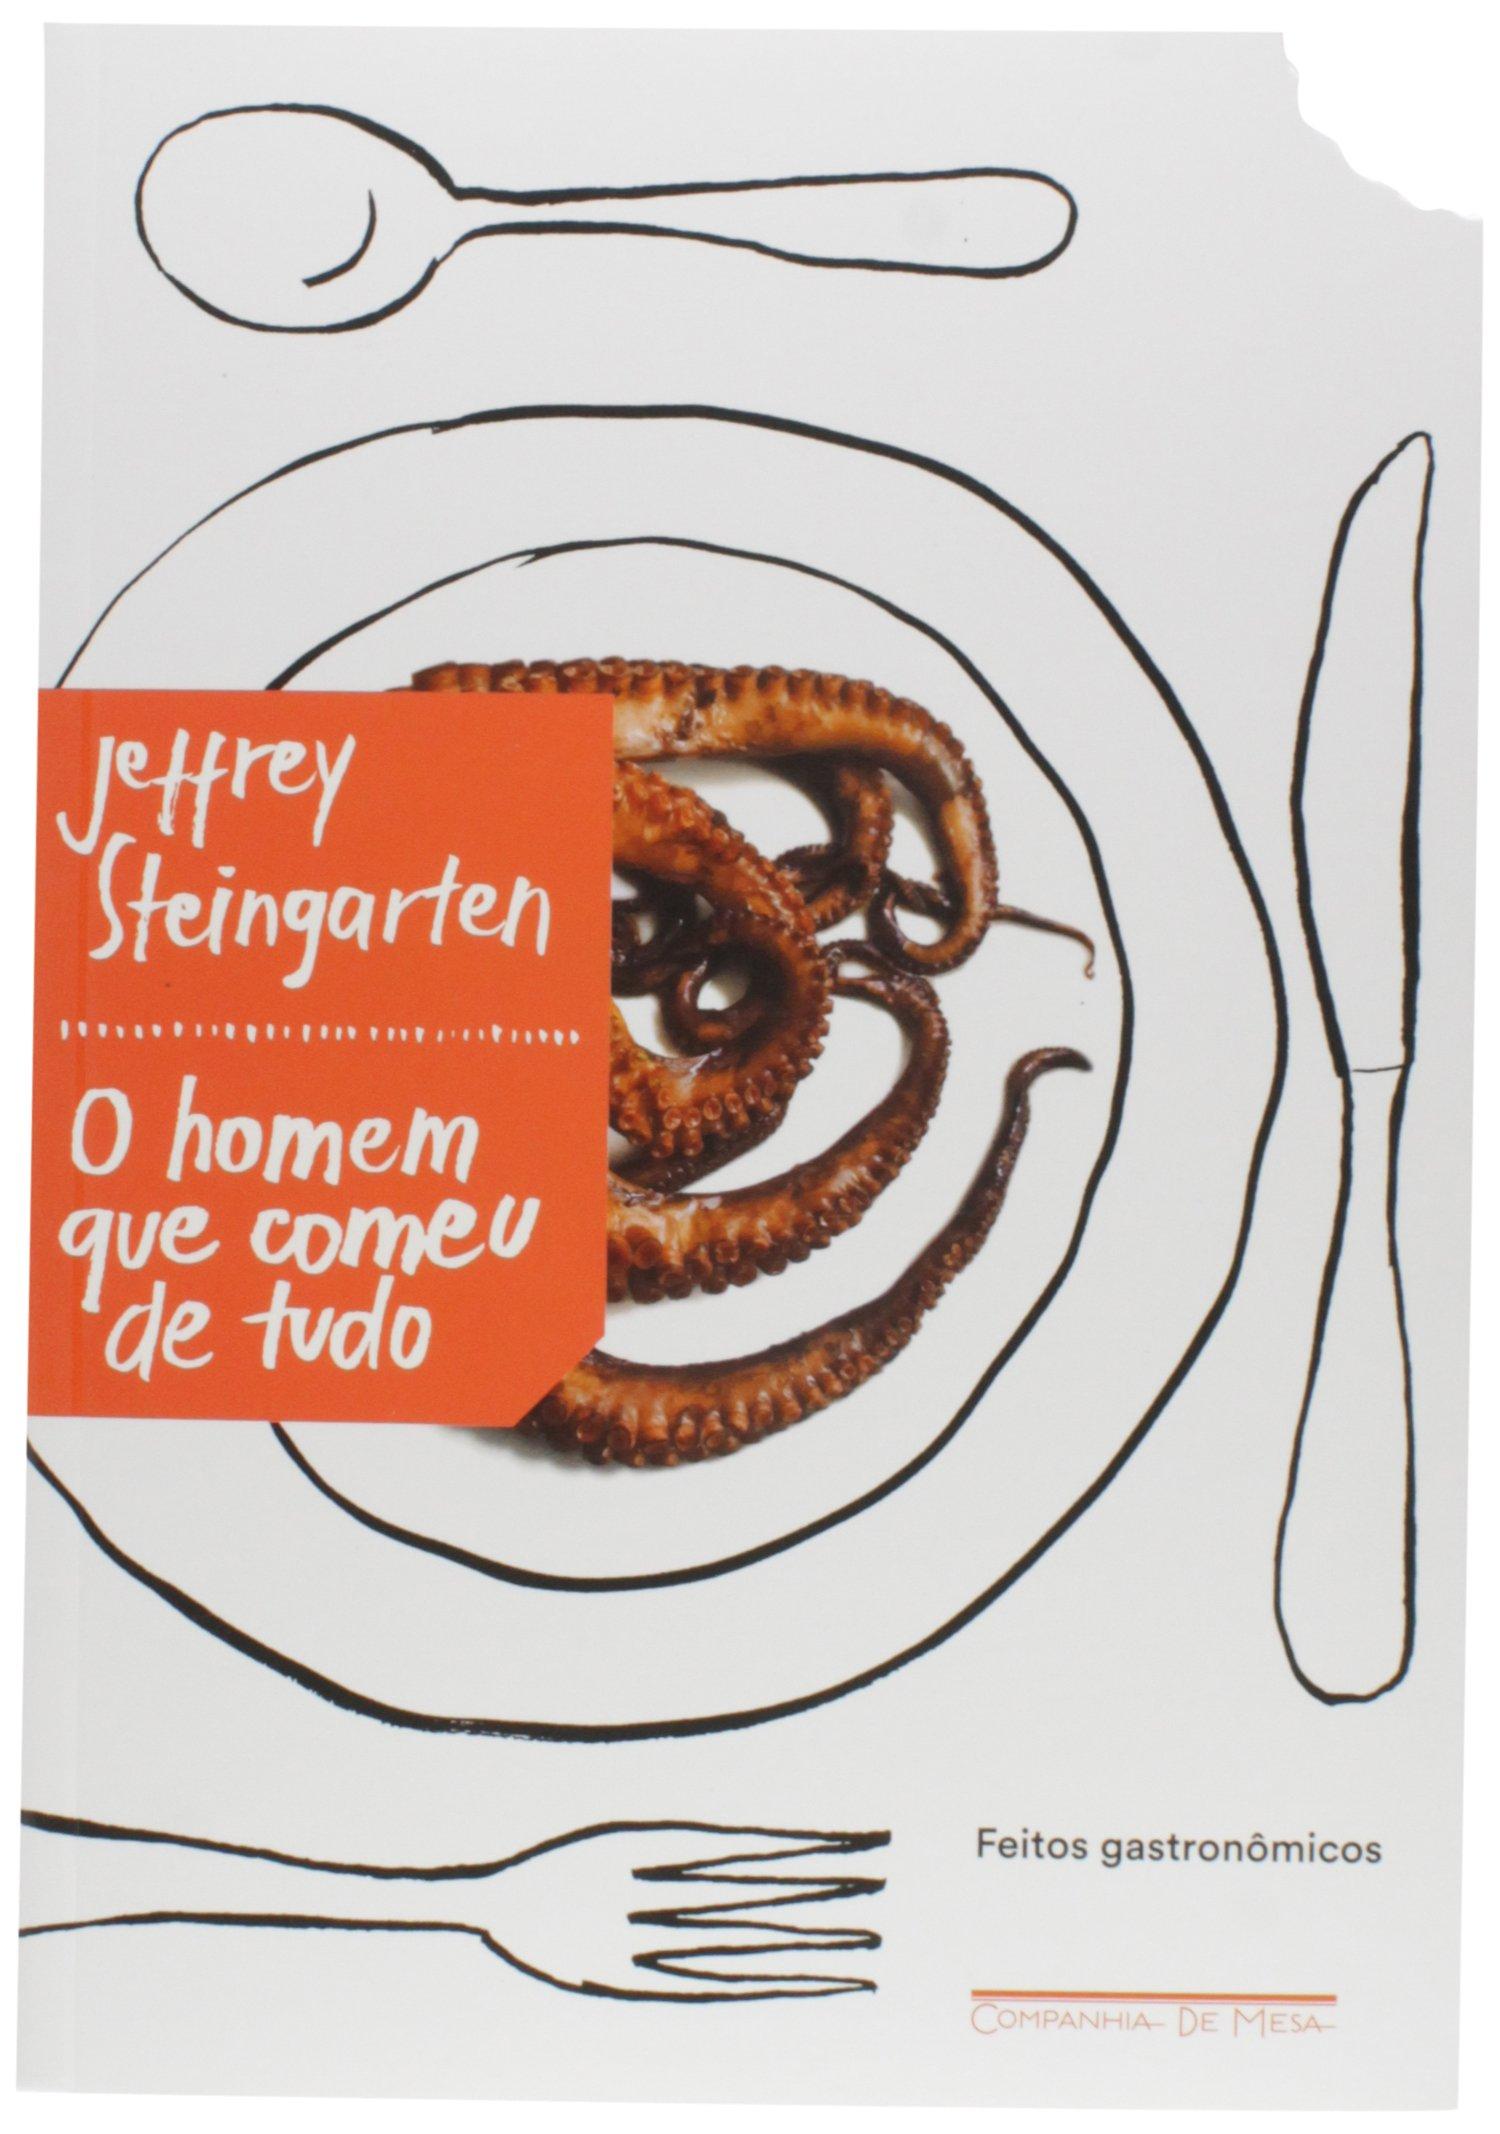 Imagem da receita